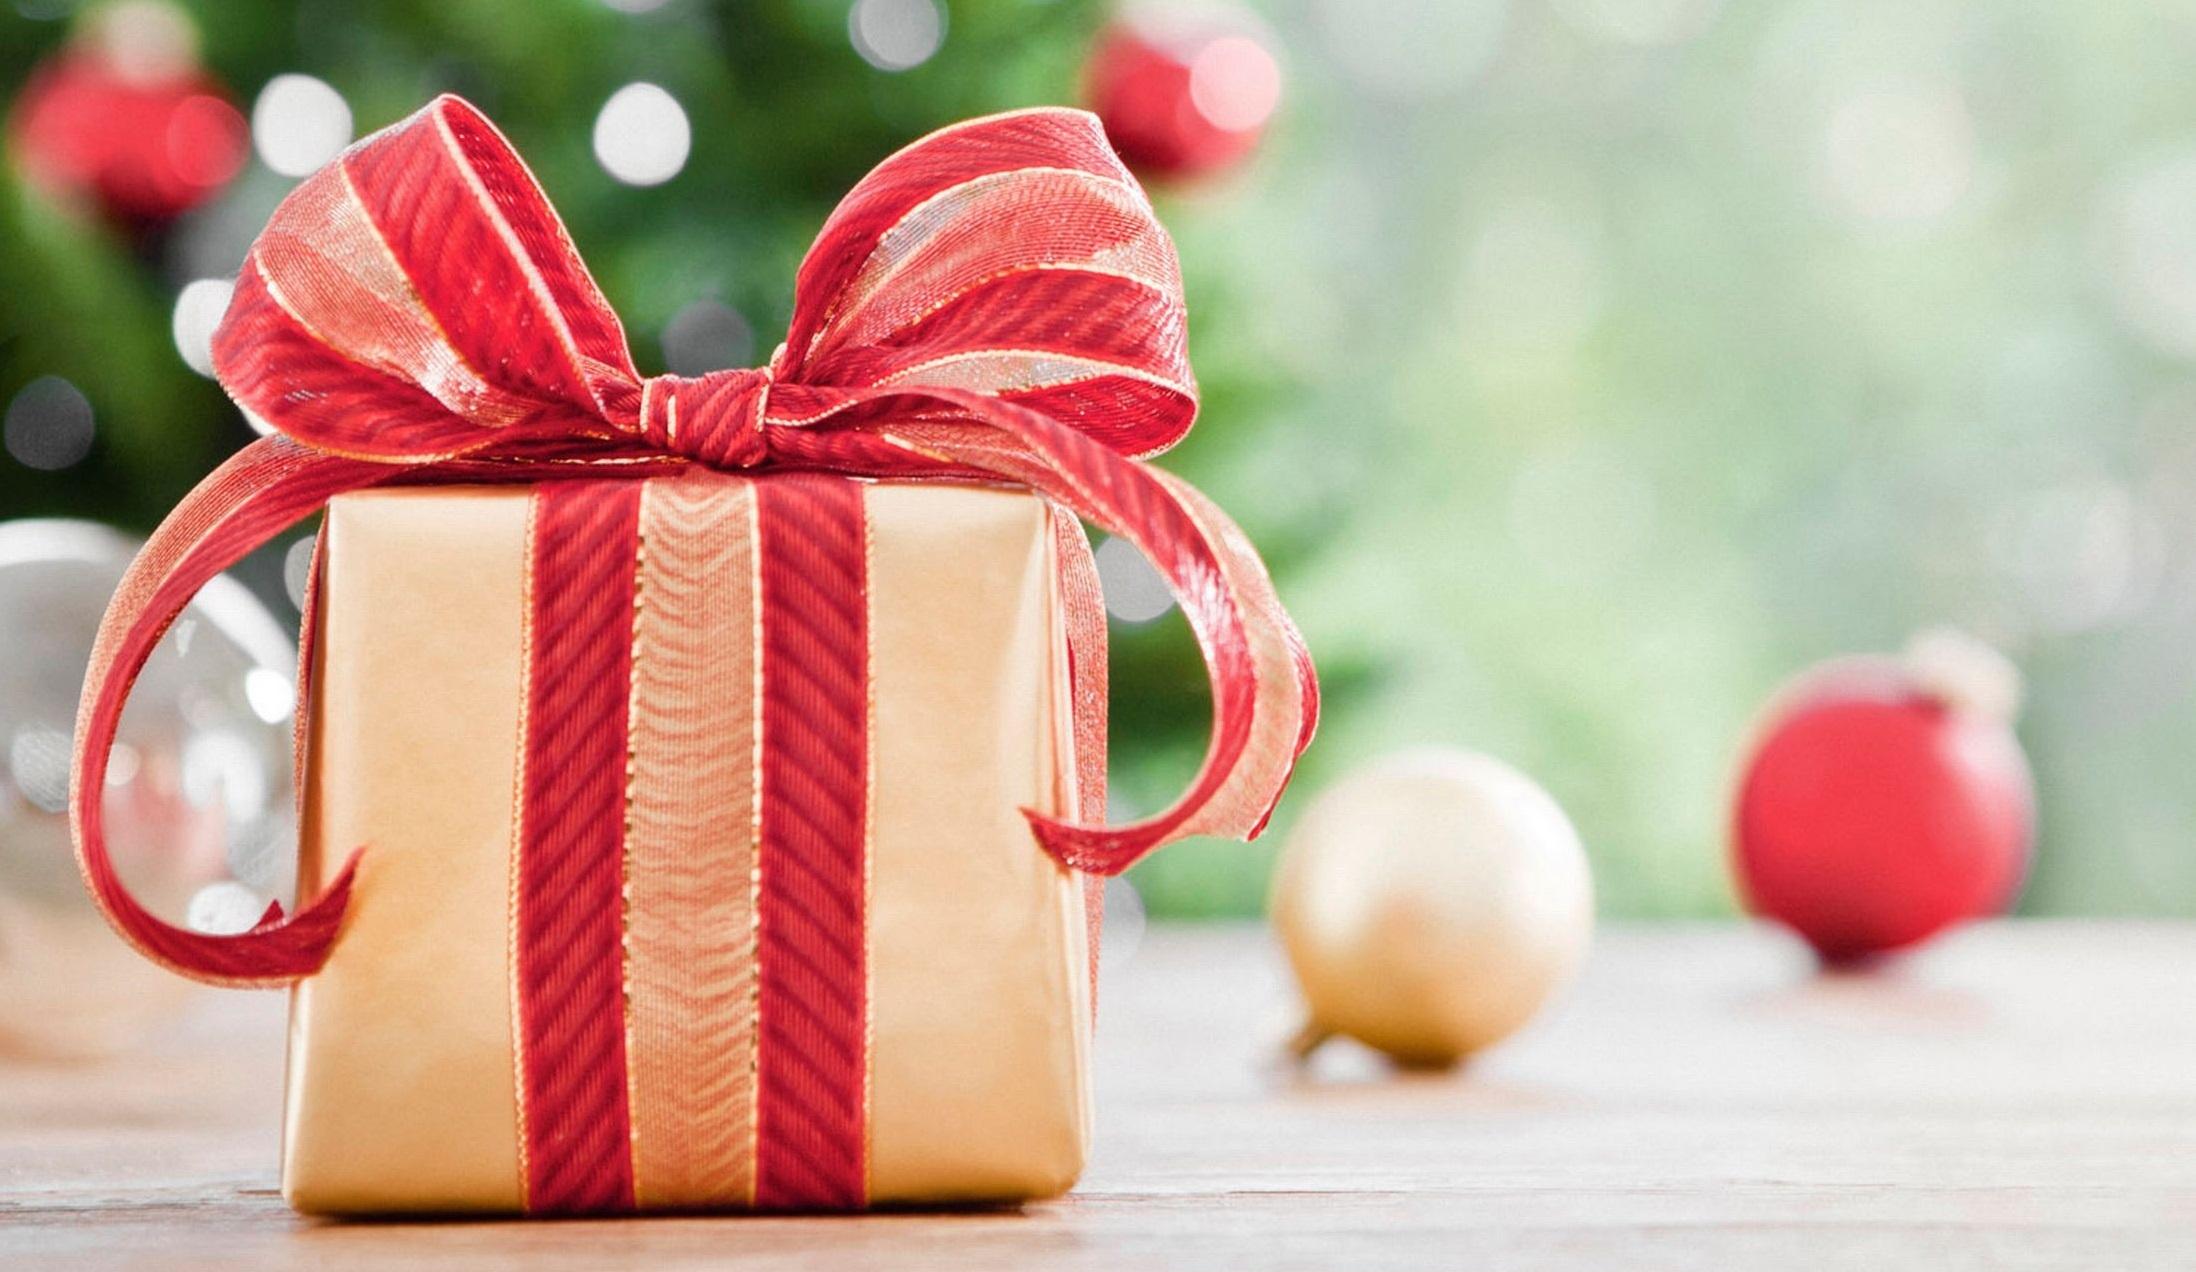 Bí quyết kích thích khách hàng mua sắm trong dịp Giáng Sinh